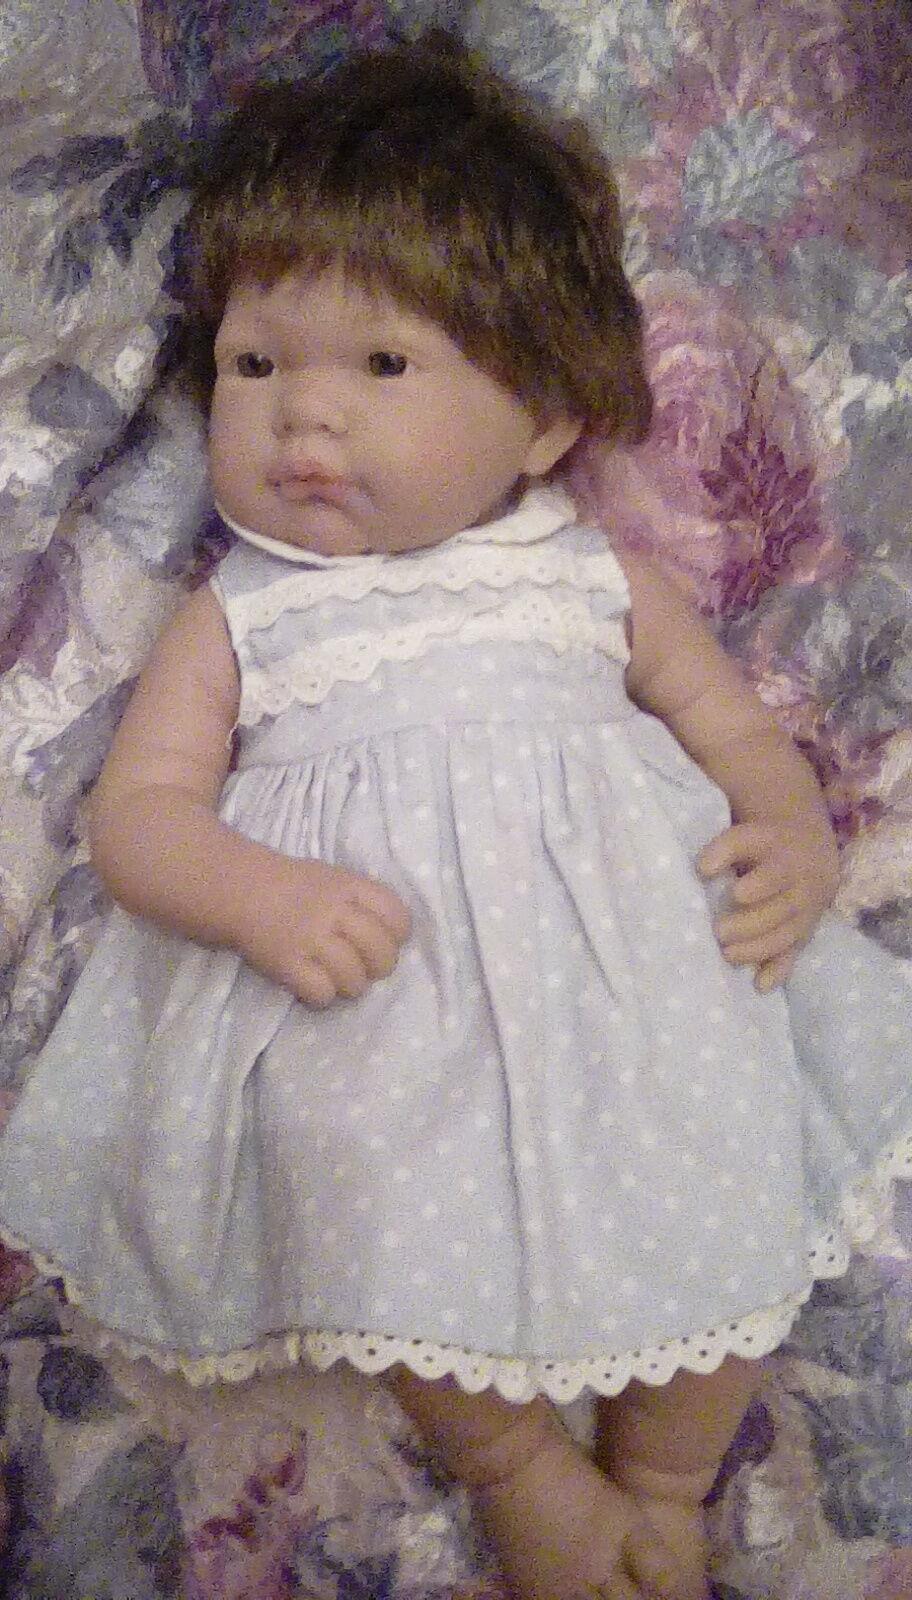 Baby Puppe hübsche Puppe als als als Reborn Baby a1a74b